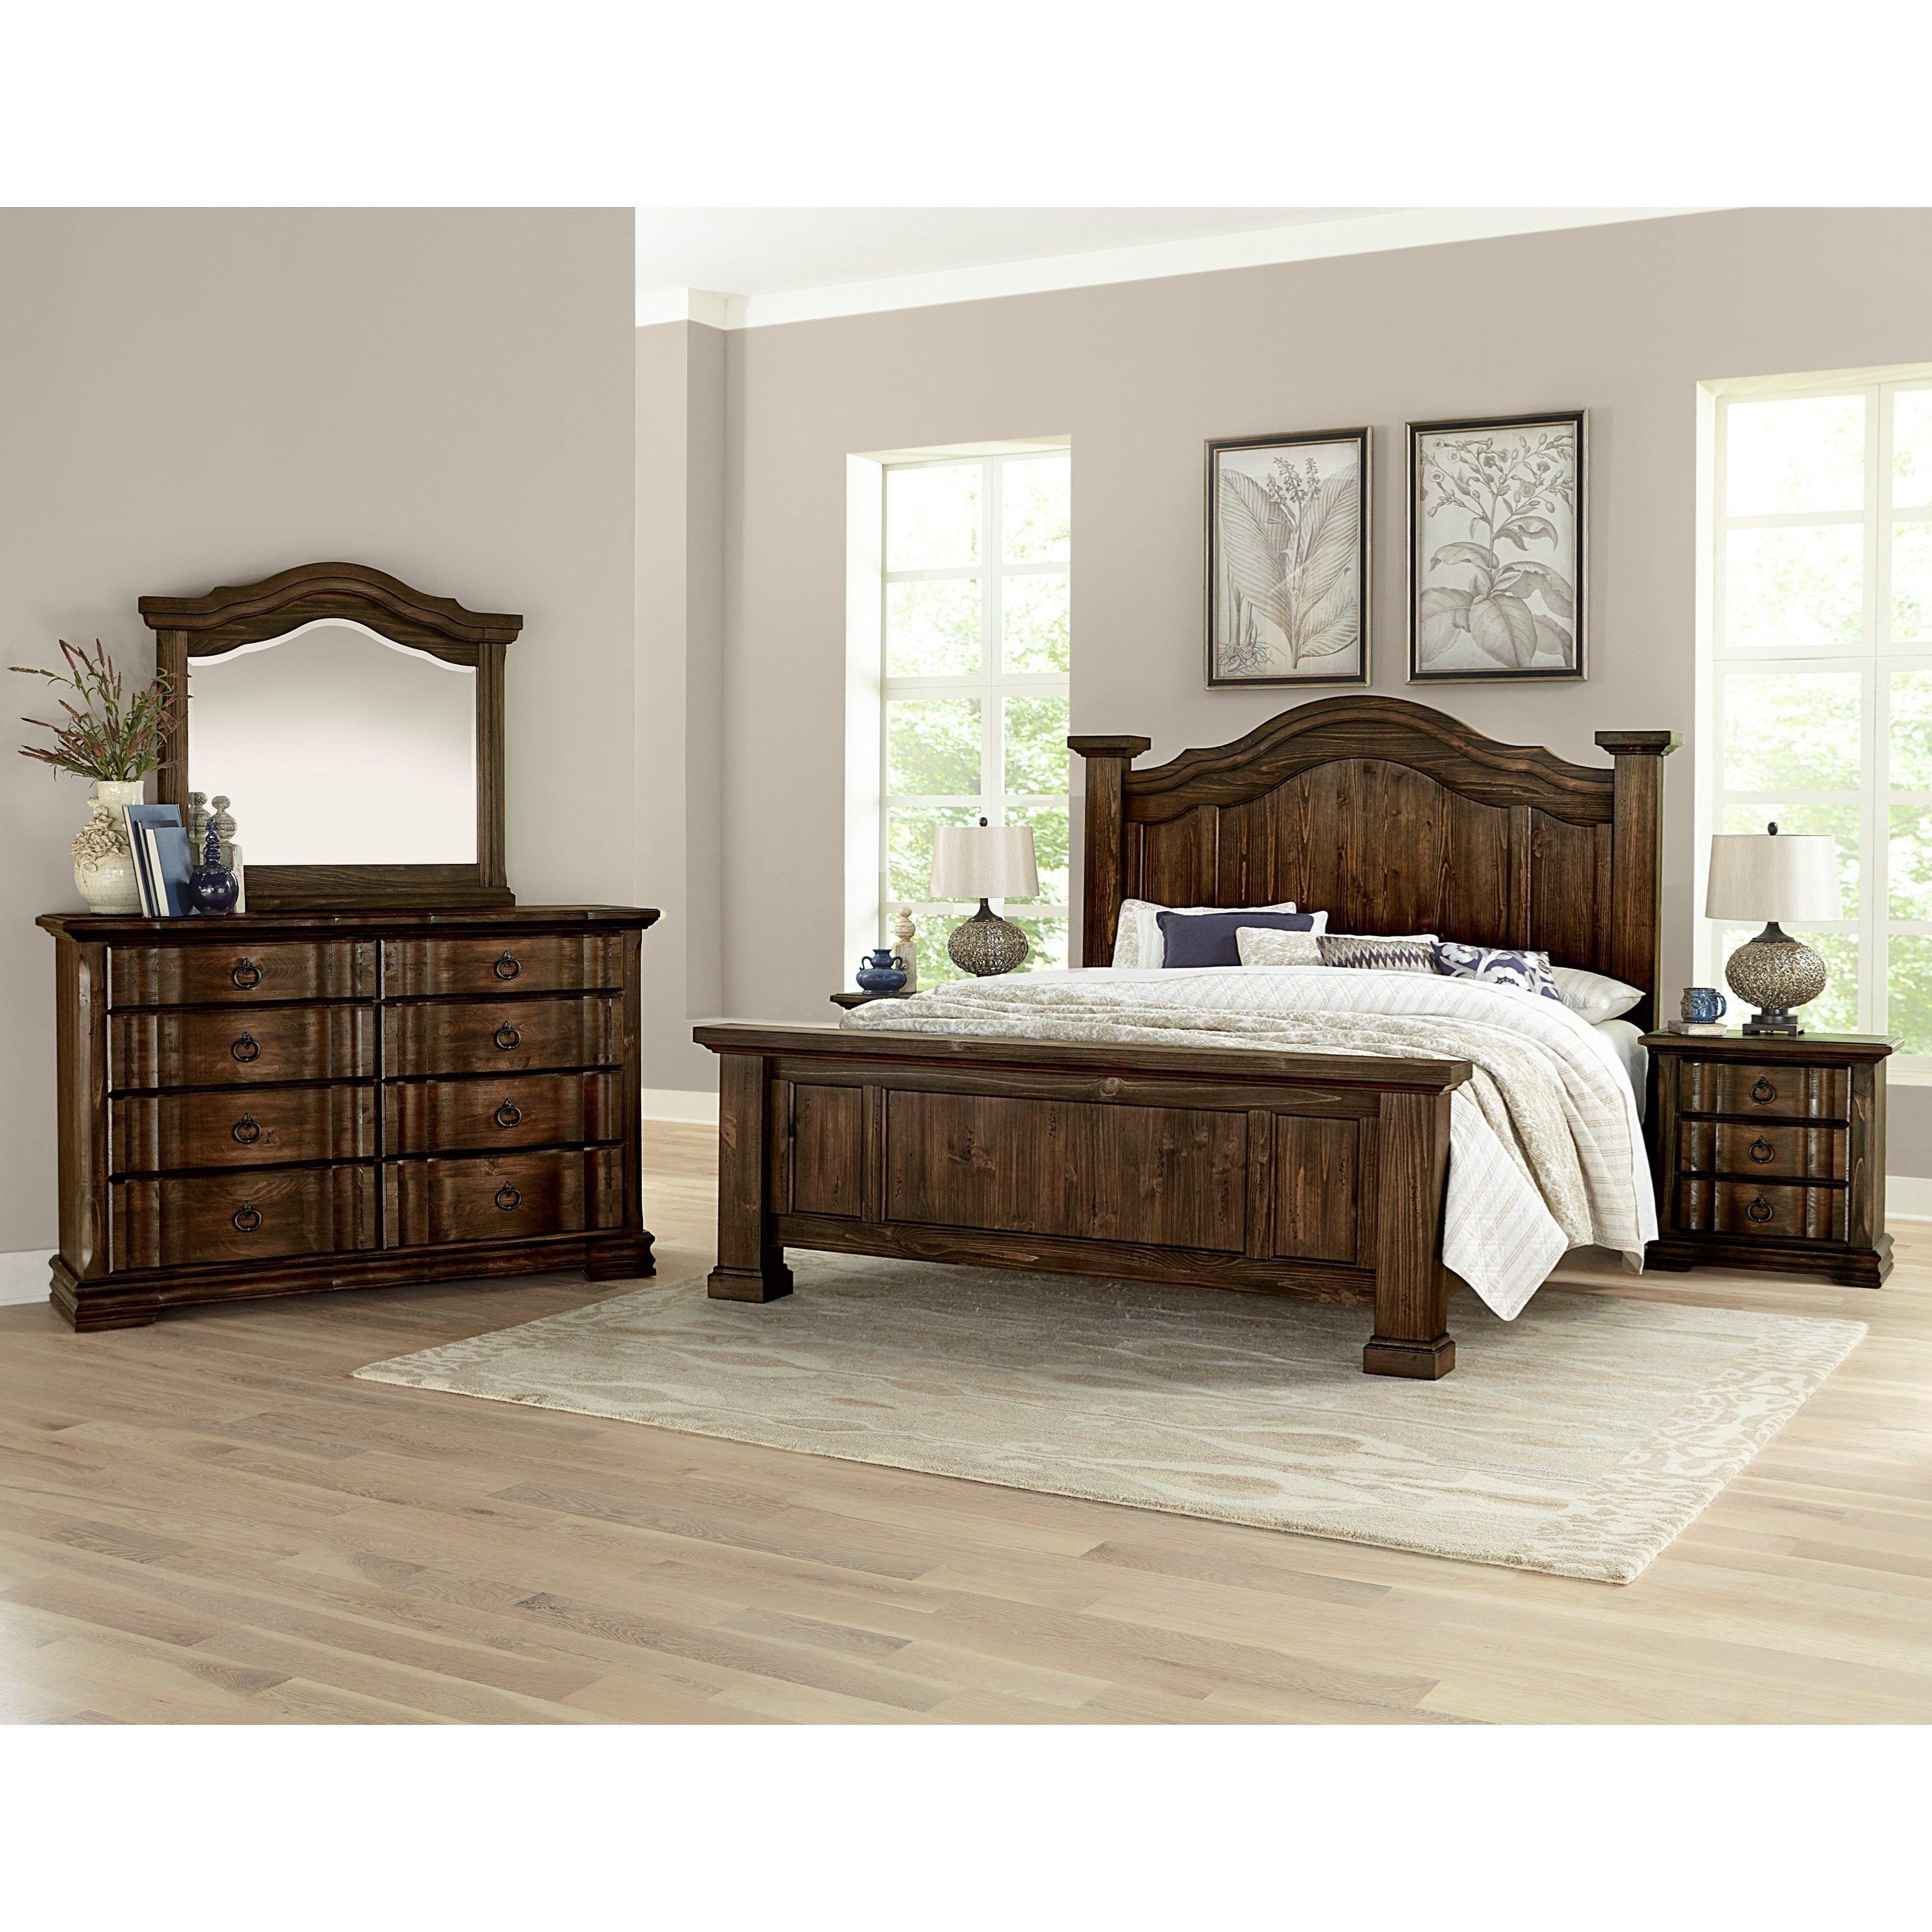 Mirrored Headboard Bedroom Set Luxury Rustic Hills King Bedroom Group by Vaughan Bassett